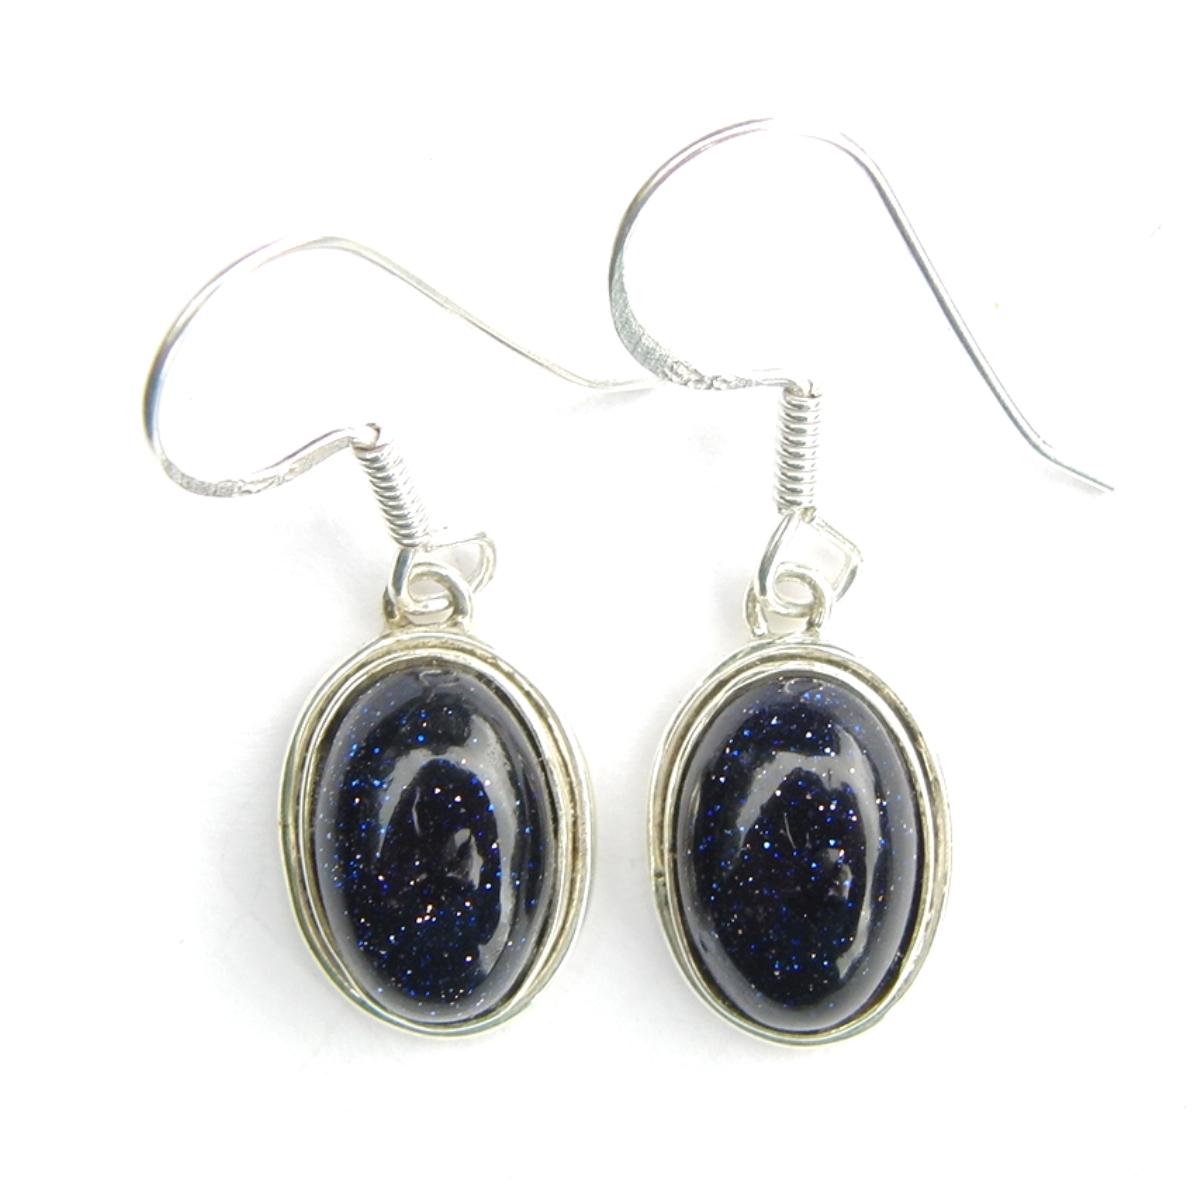 Blue Goldstone Oval Cab Earrings